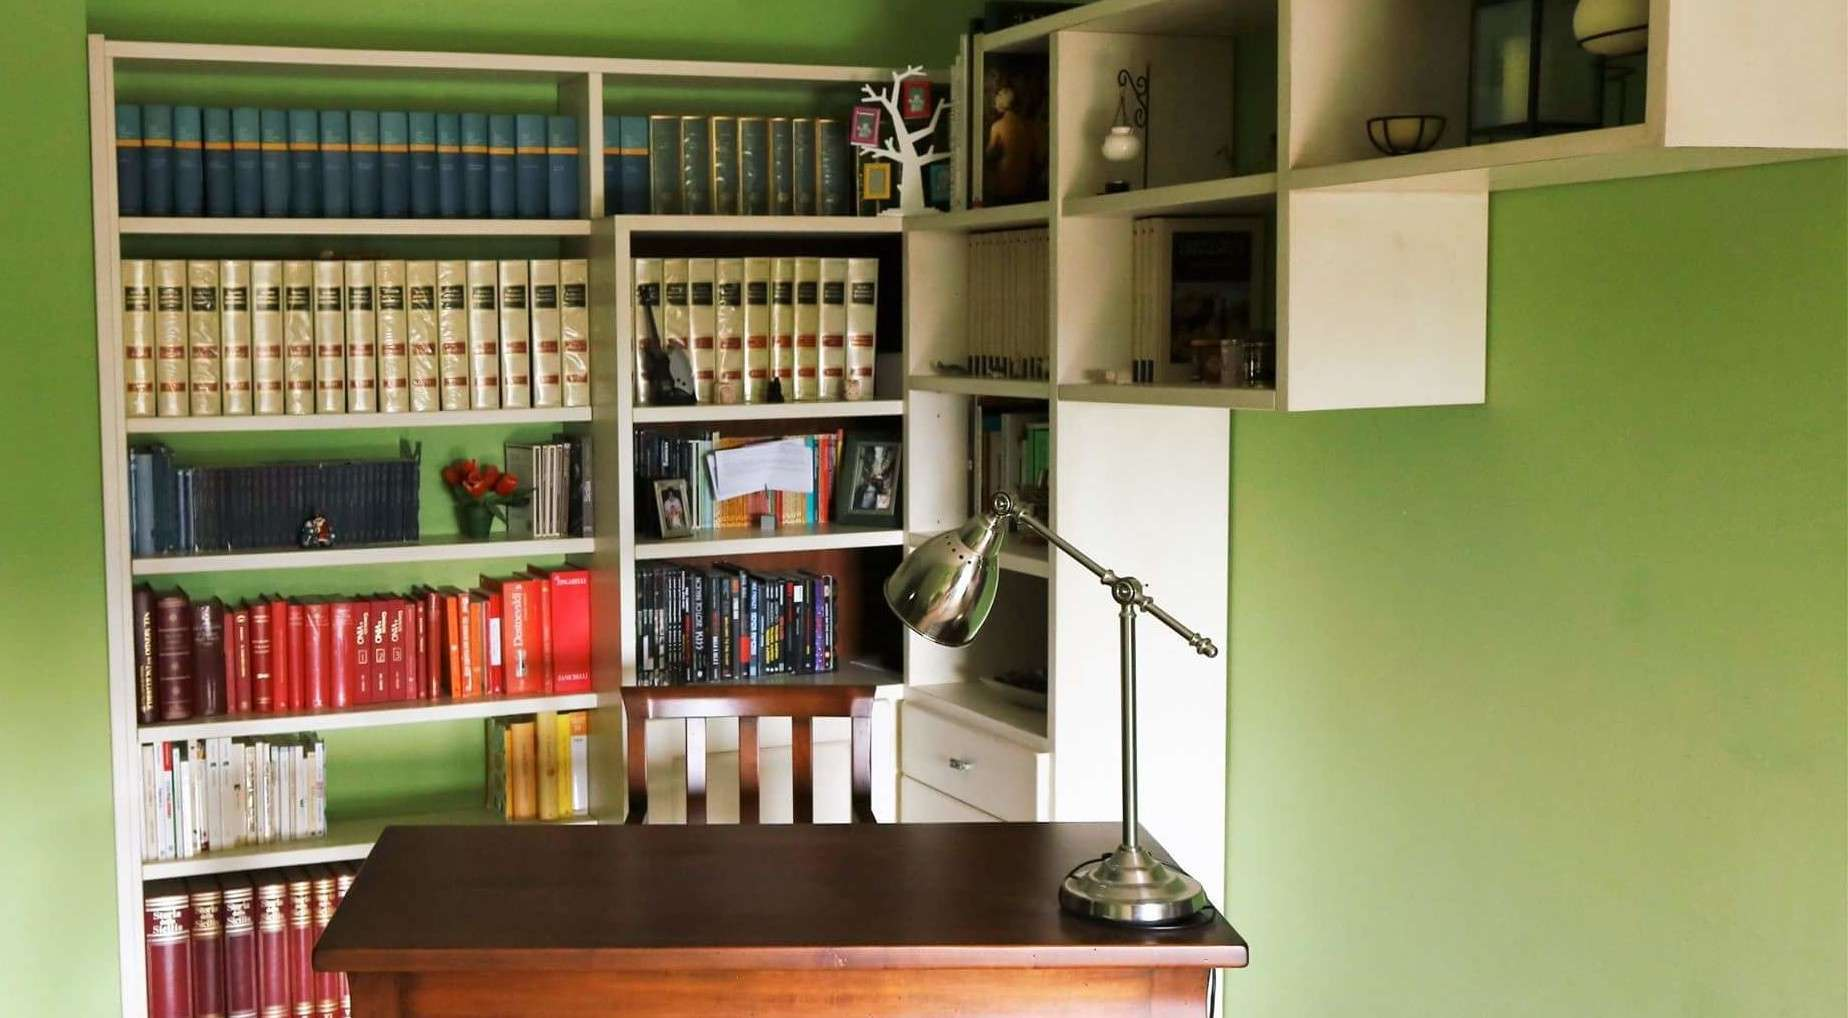 ricavare angolo studio in soggiorno ~ dragtime for . - Ricavare Angolo Studio In Soggiorno 2